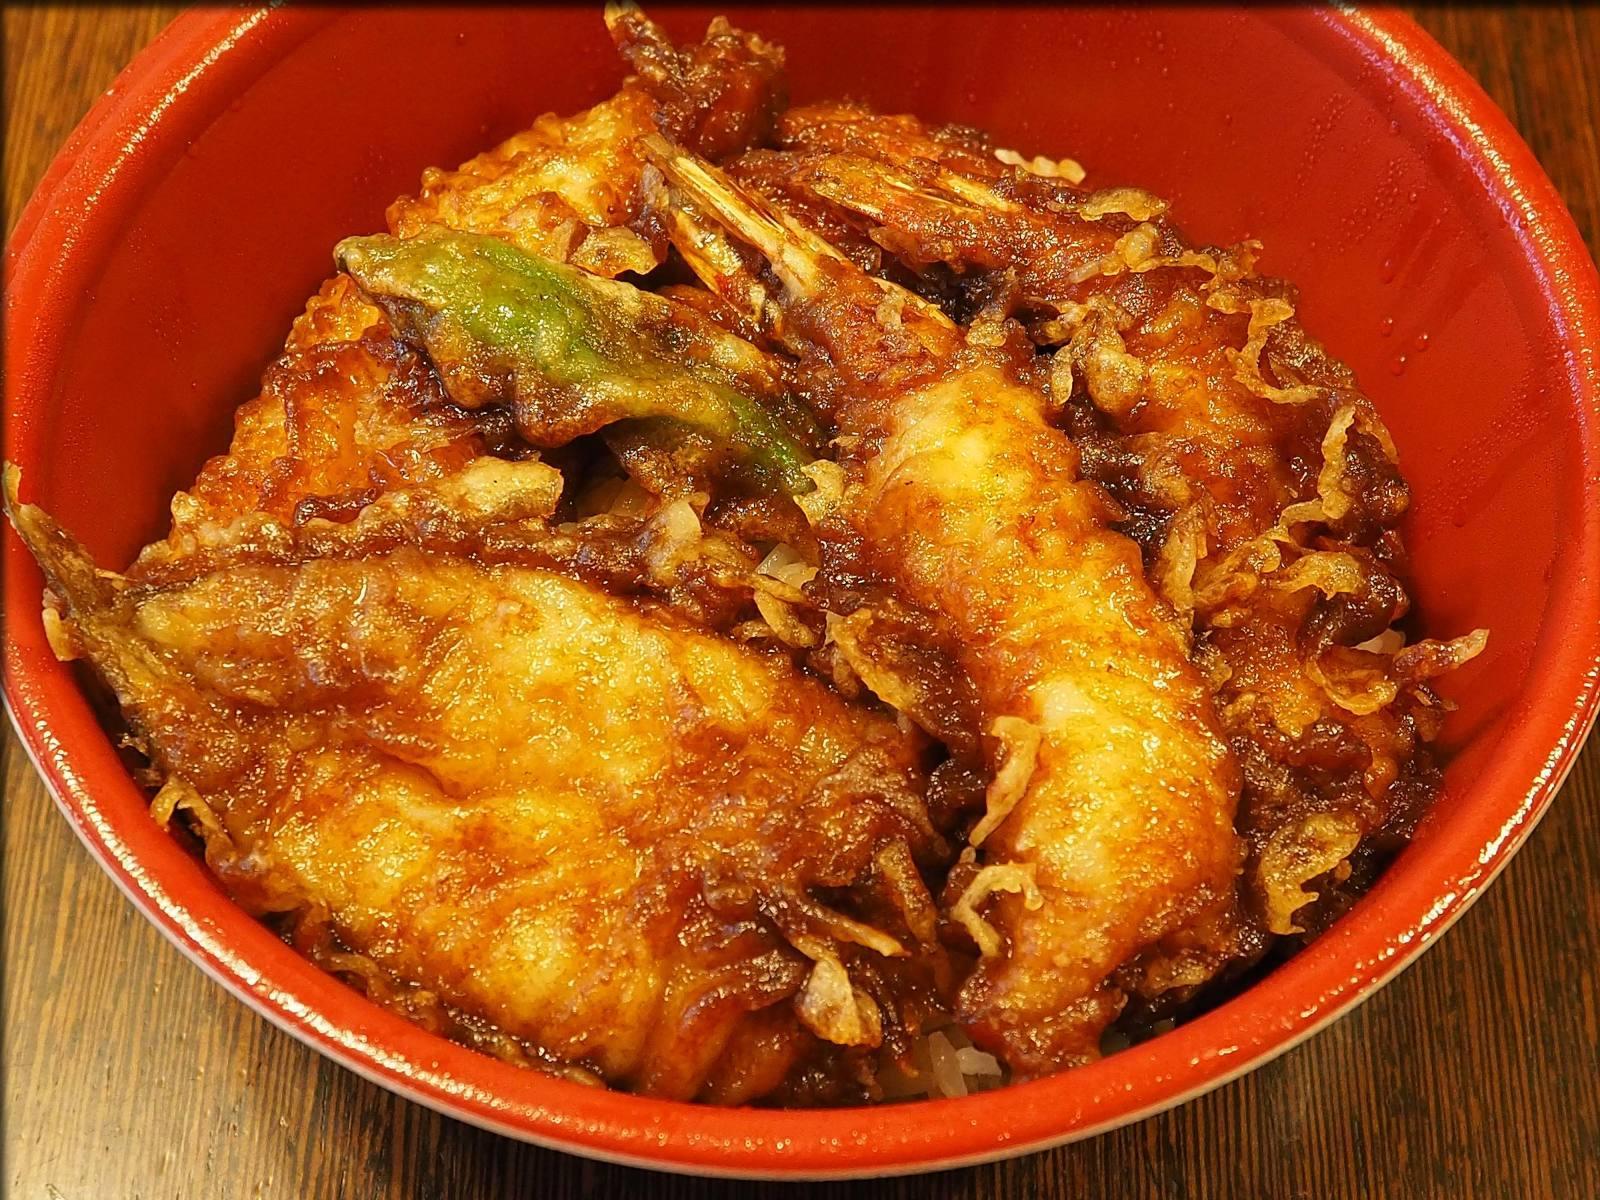 天ぷら 中山の黒天丼をテイクアウト@日本橋人形町_b0054329_09233310.jpg